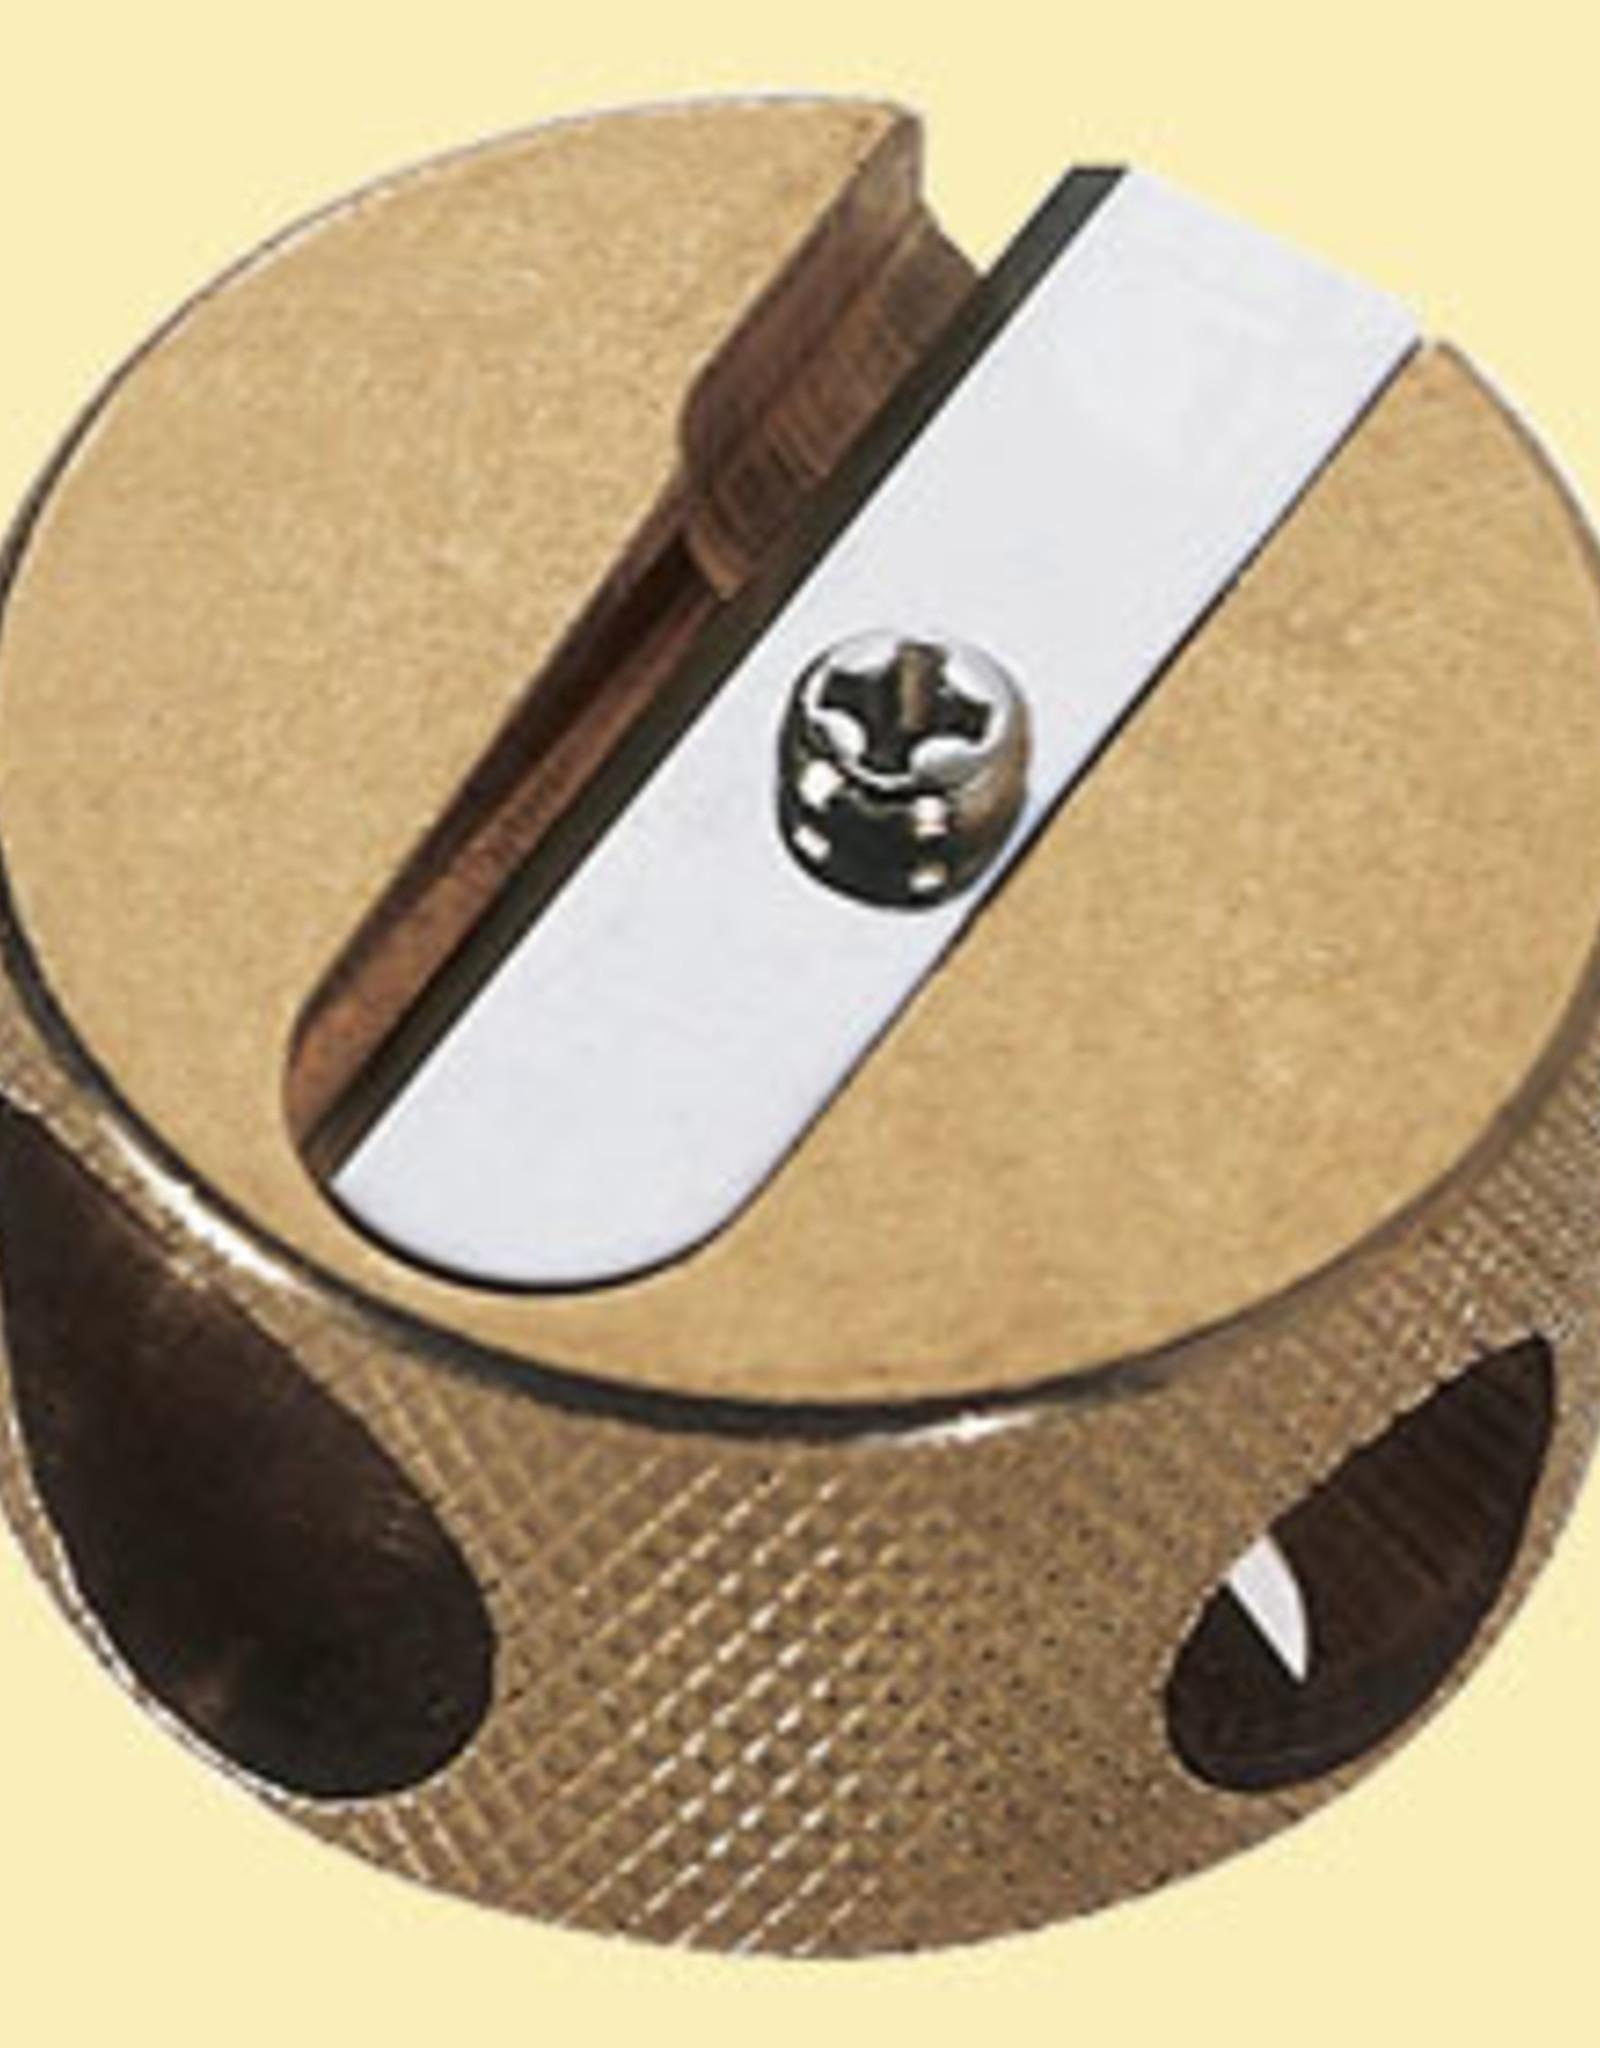 M+R Brass Pencil Sharpener